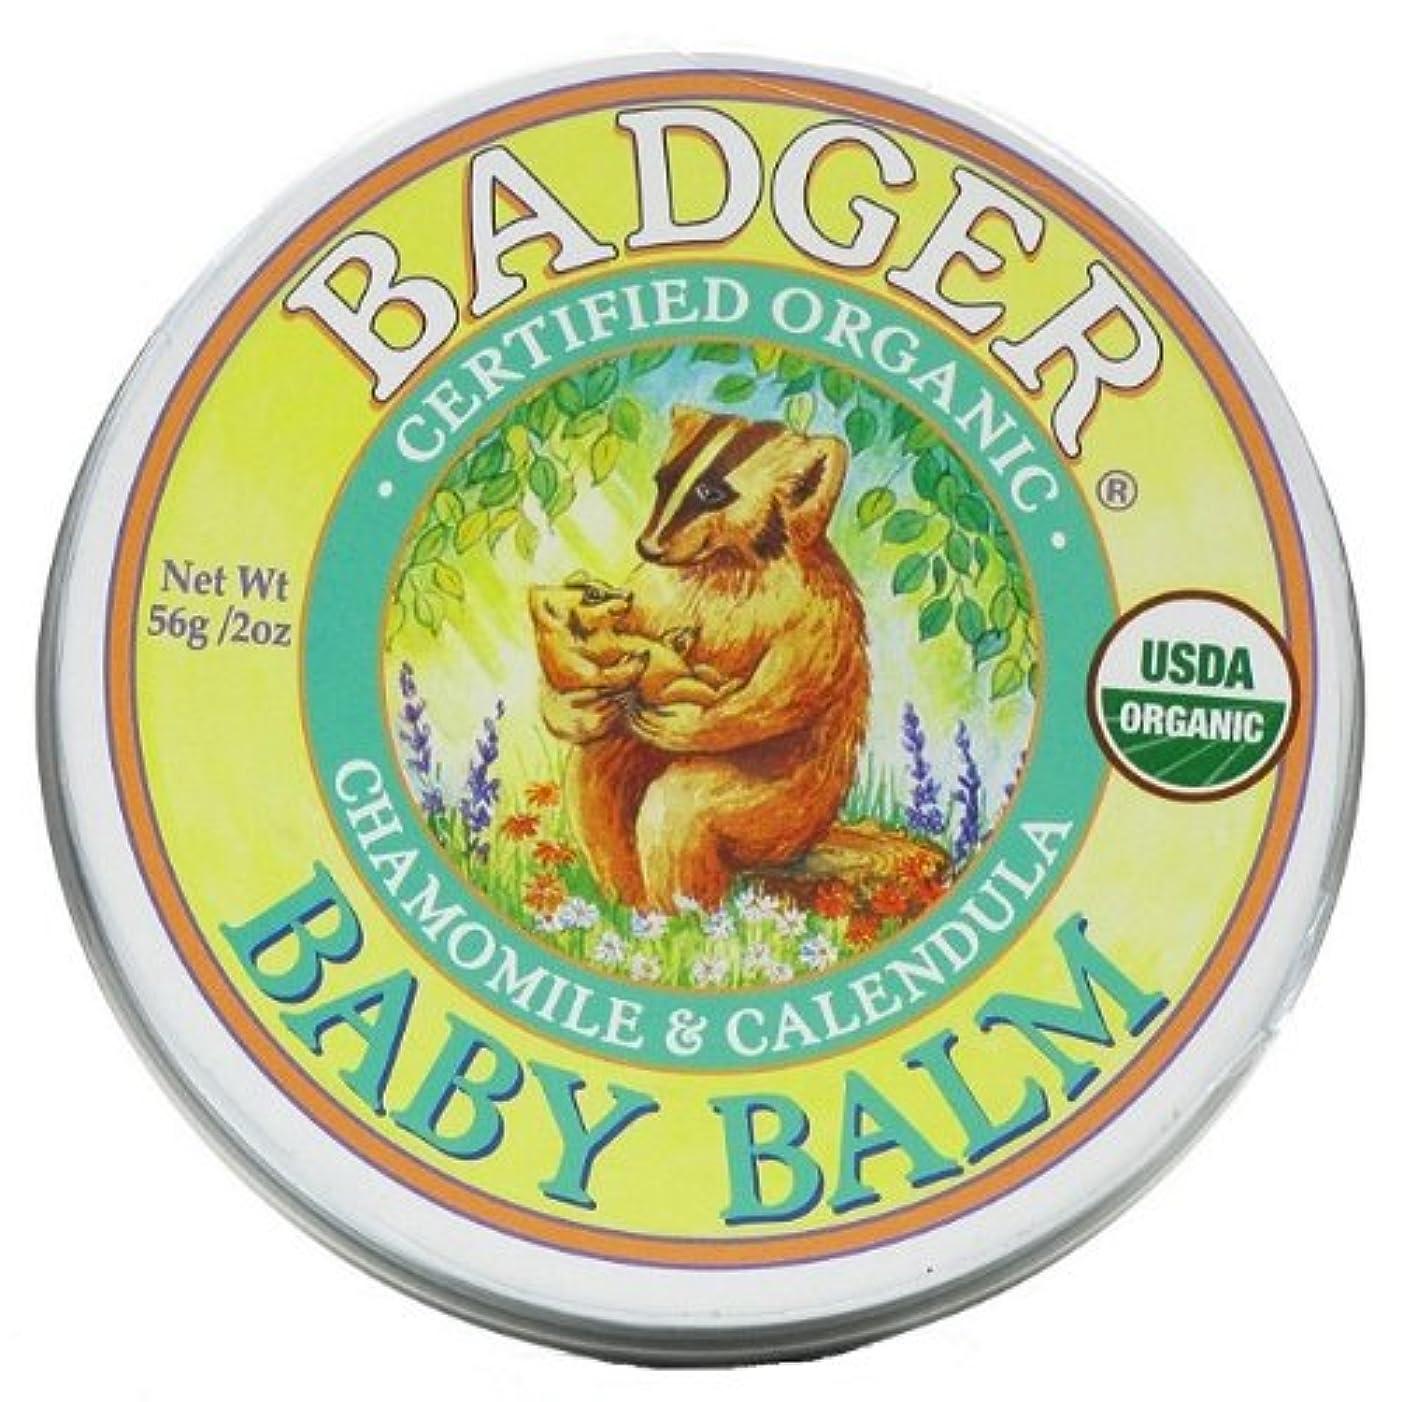 考えいろいろ社会科Badger バジャー オーガニックベビークリーム カモミール & カレンドラ【大サイズ】 56g【海外直送品】【並行輸入品】